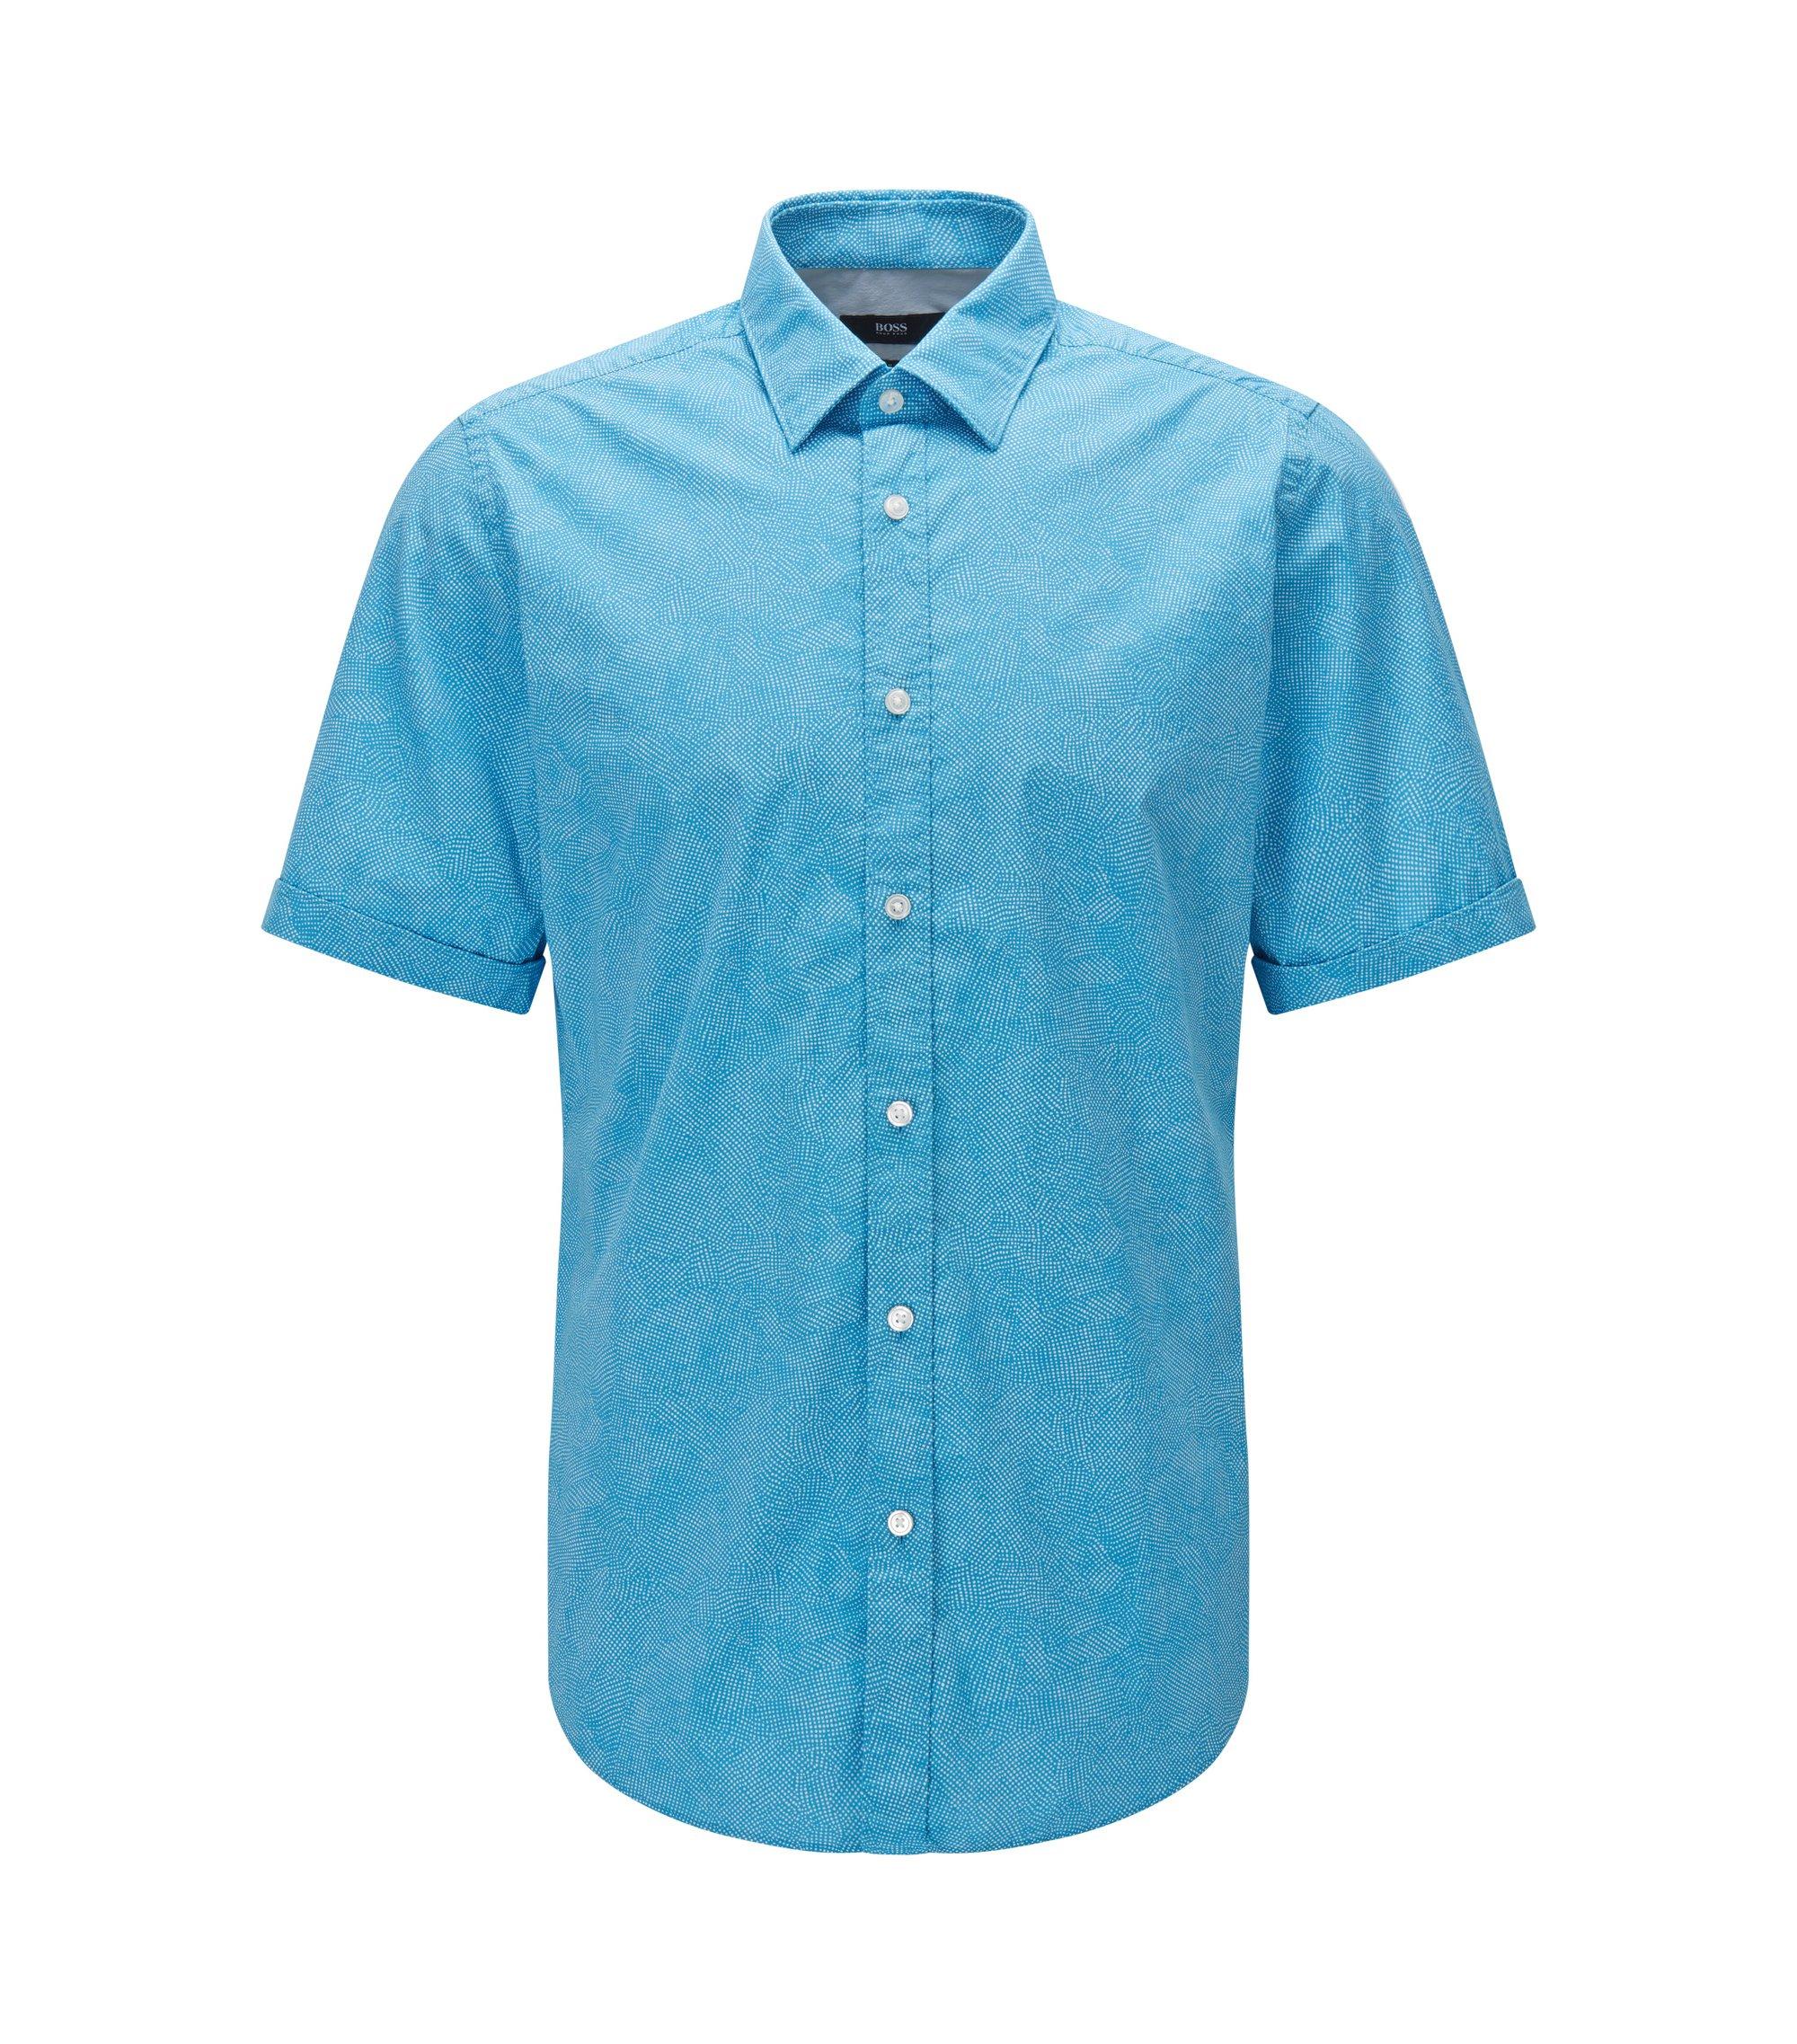 Stretch Cotton Button Down Shirt, Regular Fit | Luka, Light Blue